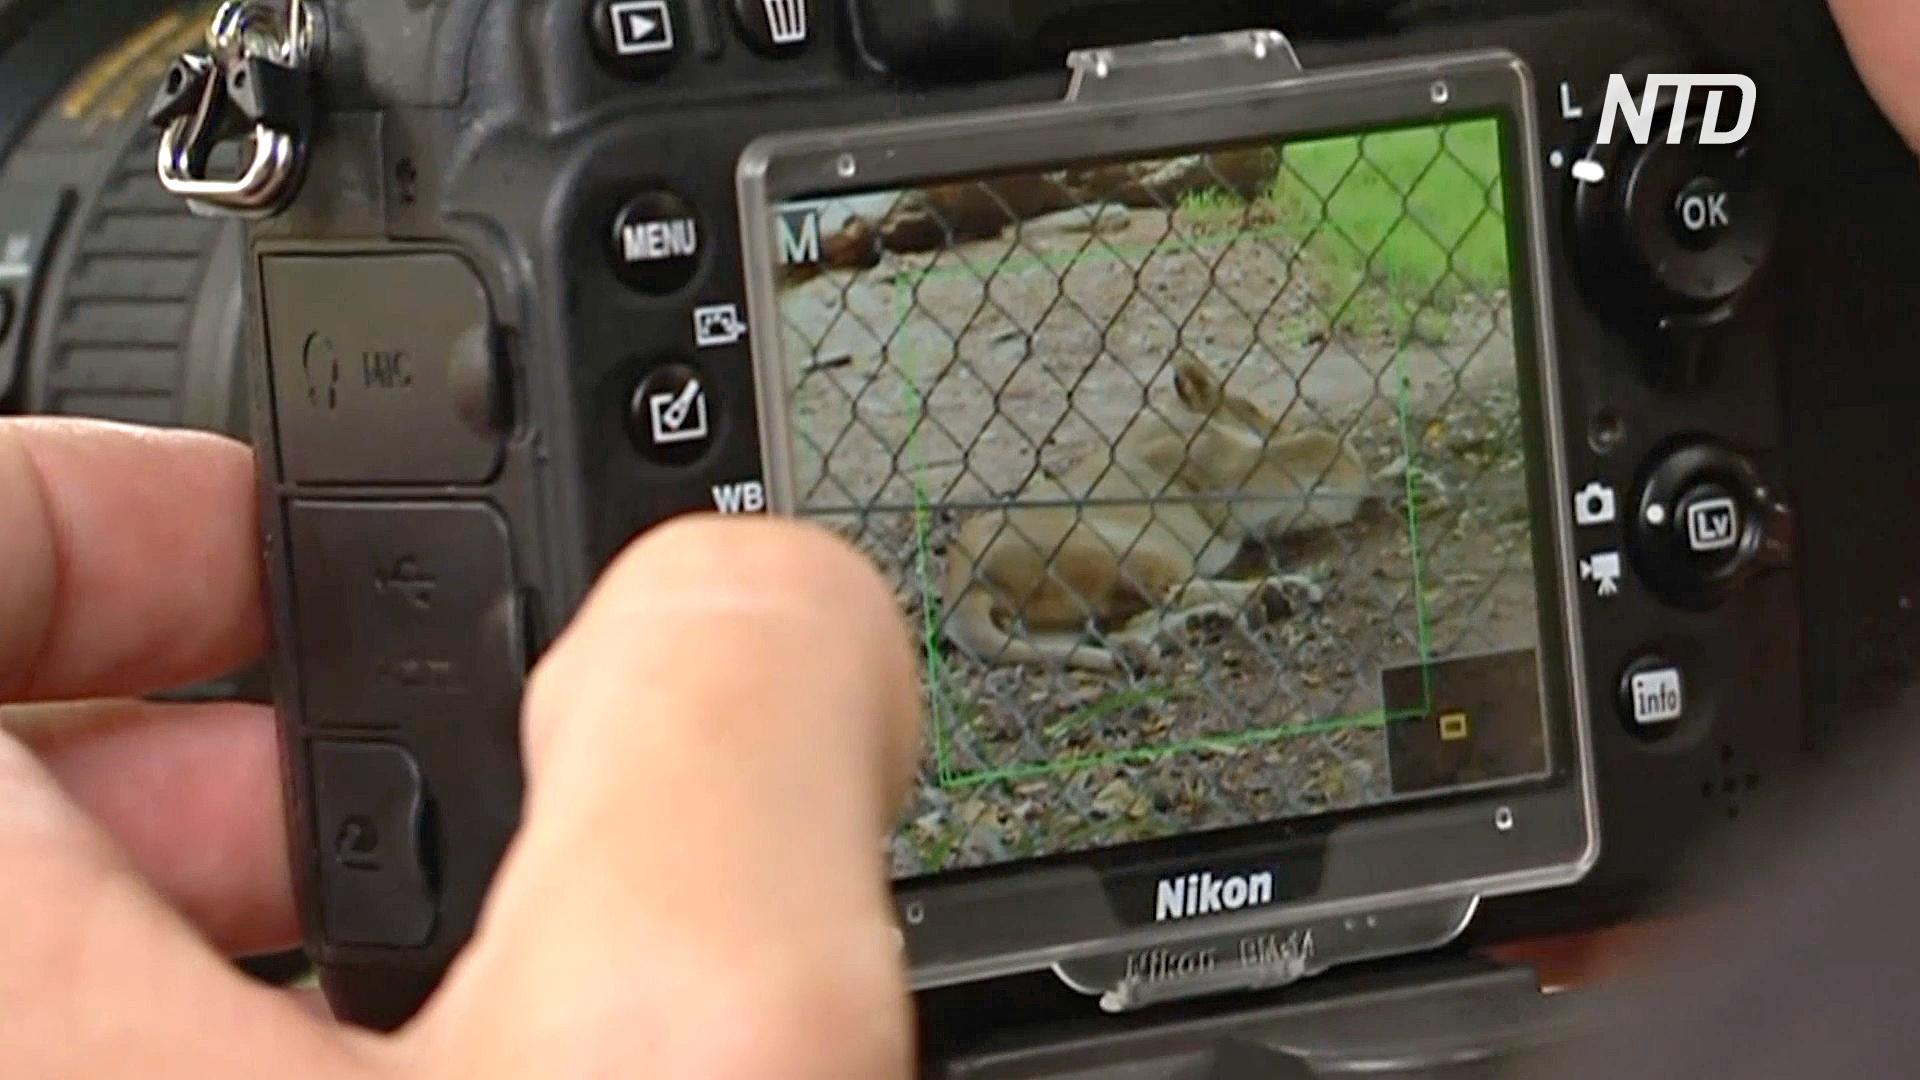 В зоопарке Аделаиды проверяют сердце хищников с помощью цифровой камеры